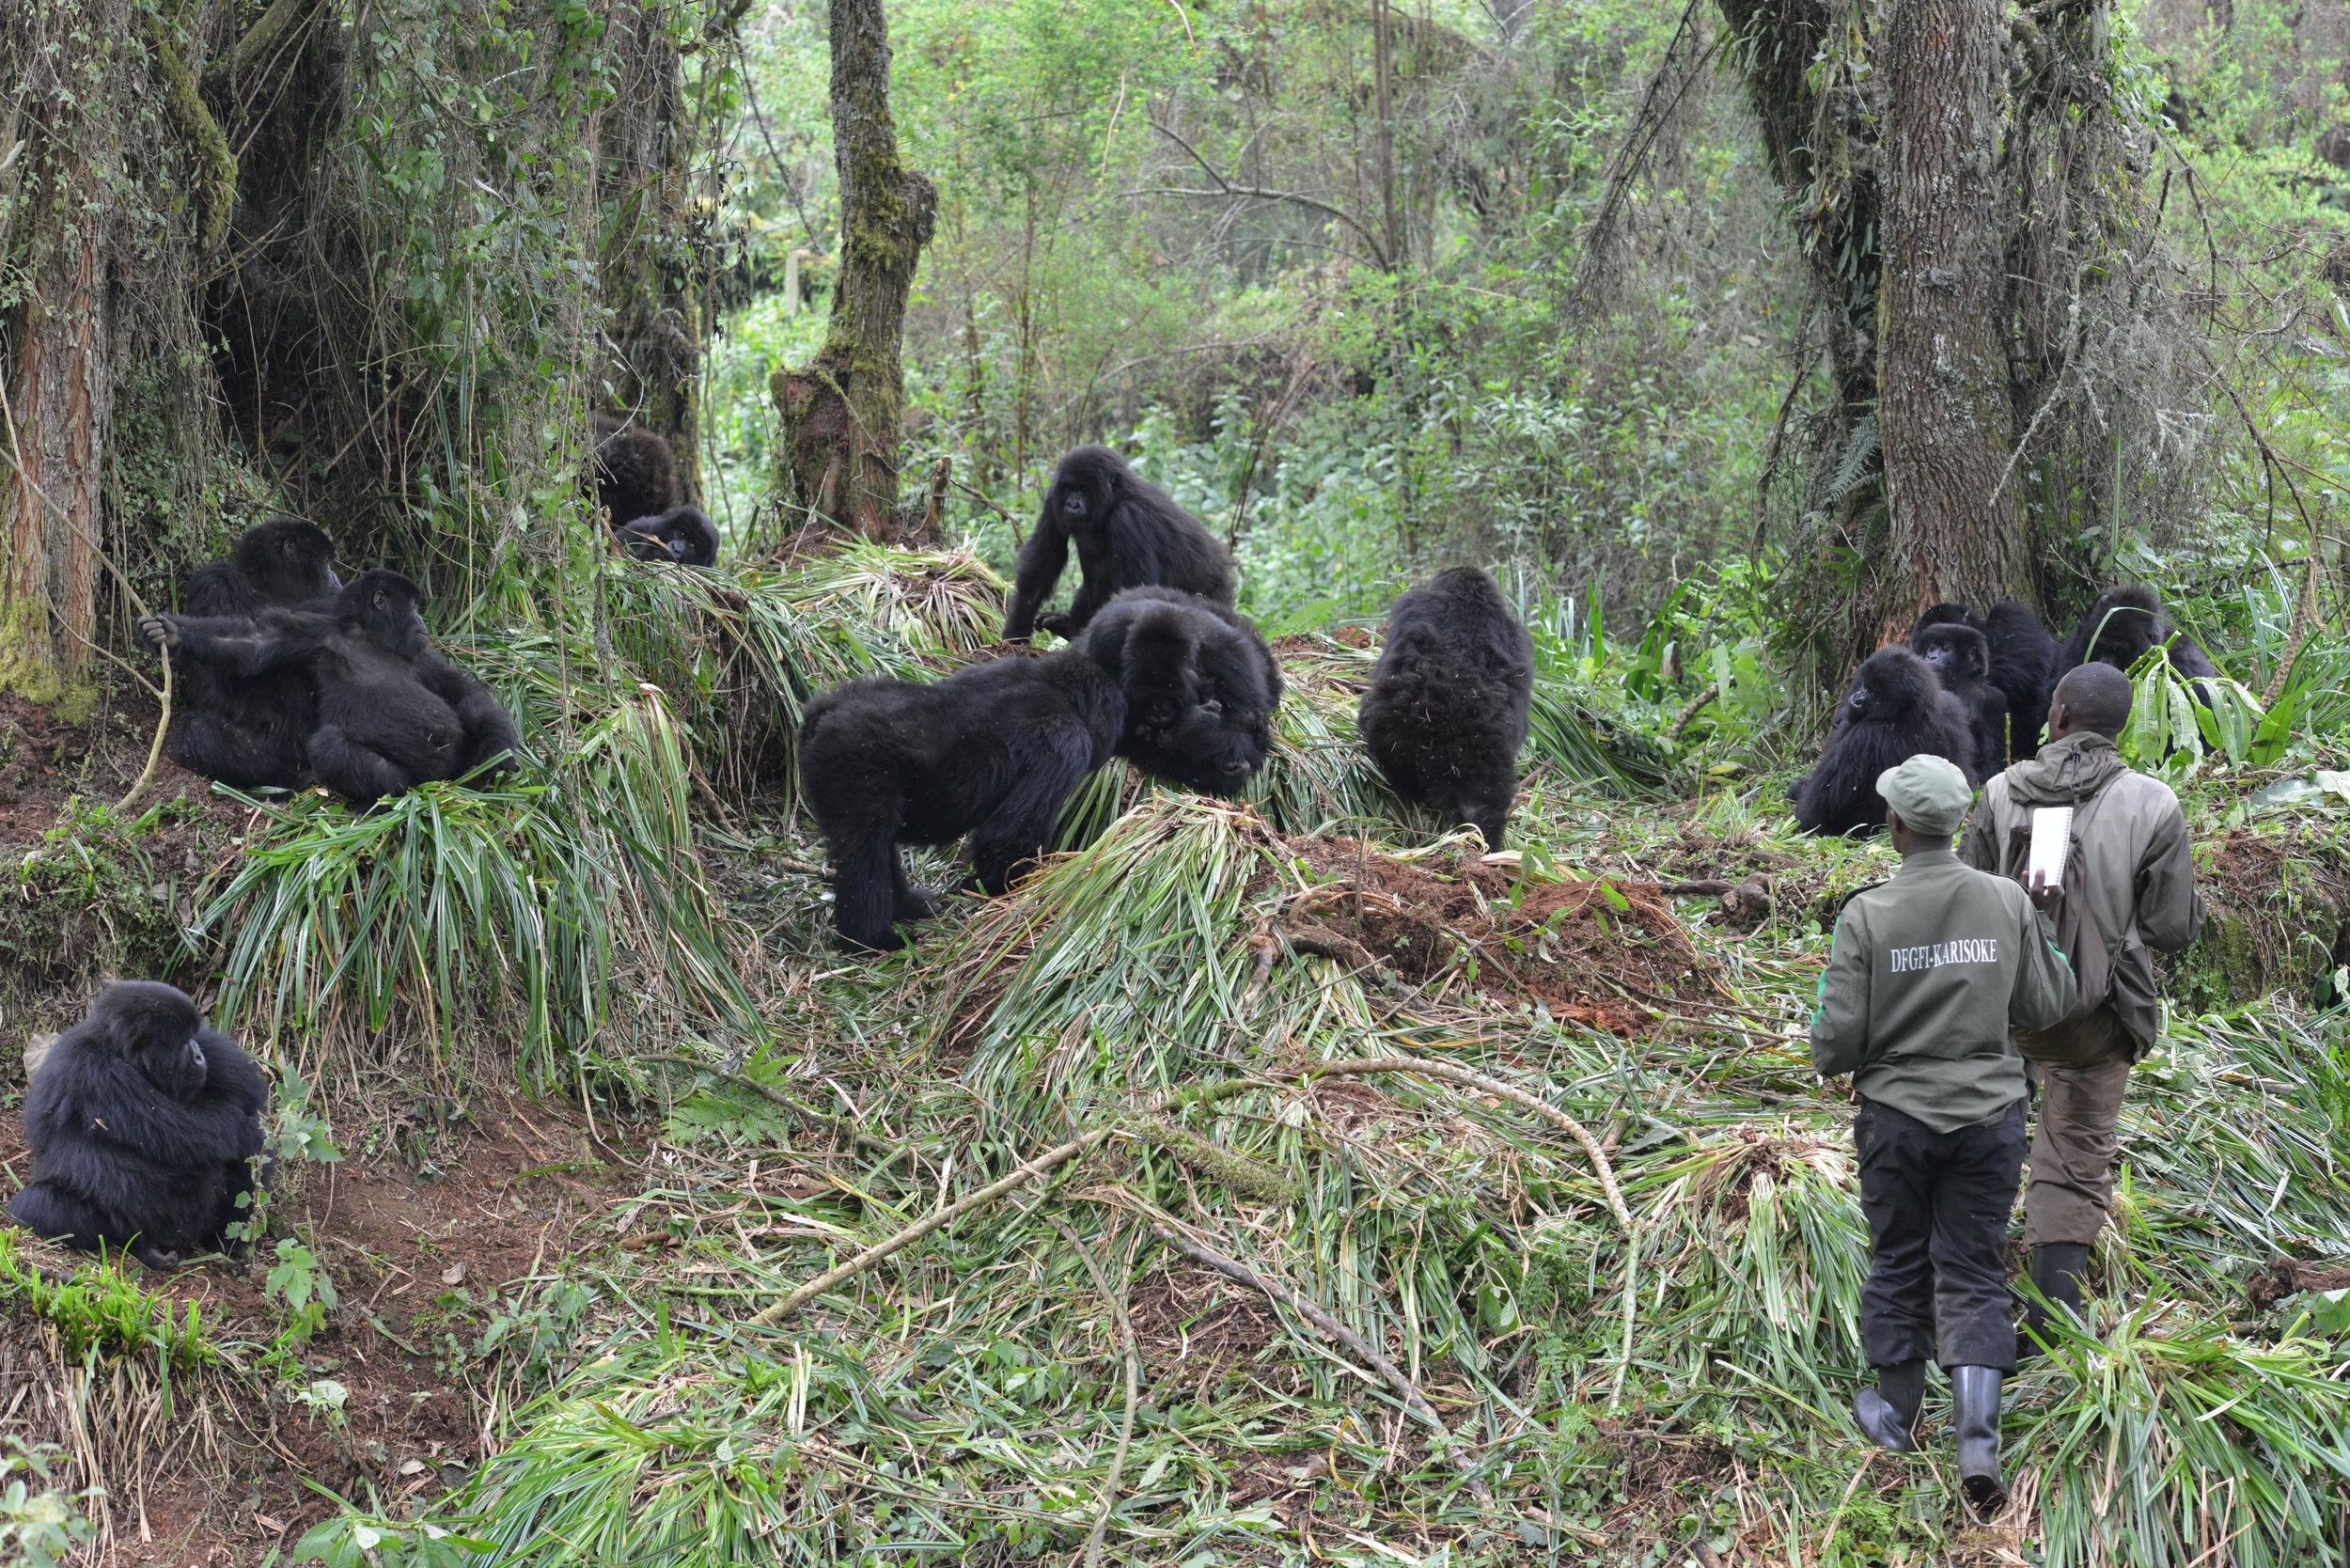 Copy of Rwanda20150203KUY_DSC_0619 Galbani102 (1).jpg